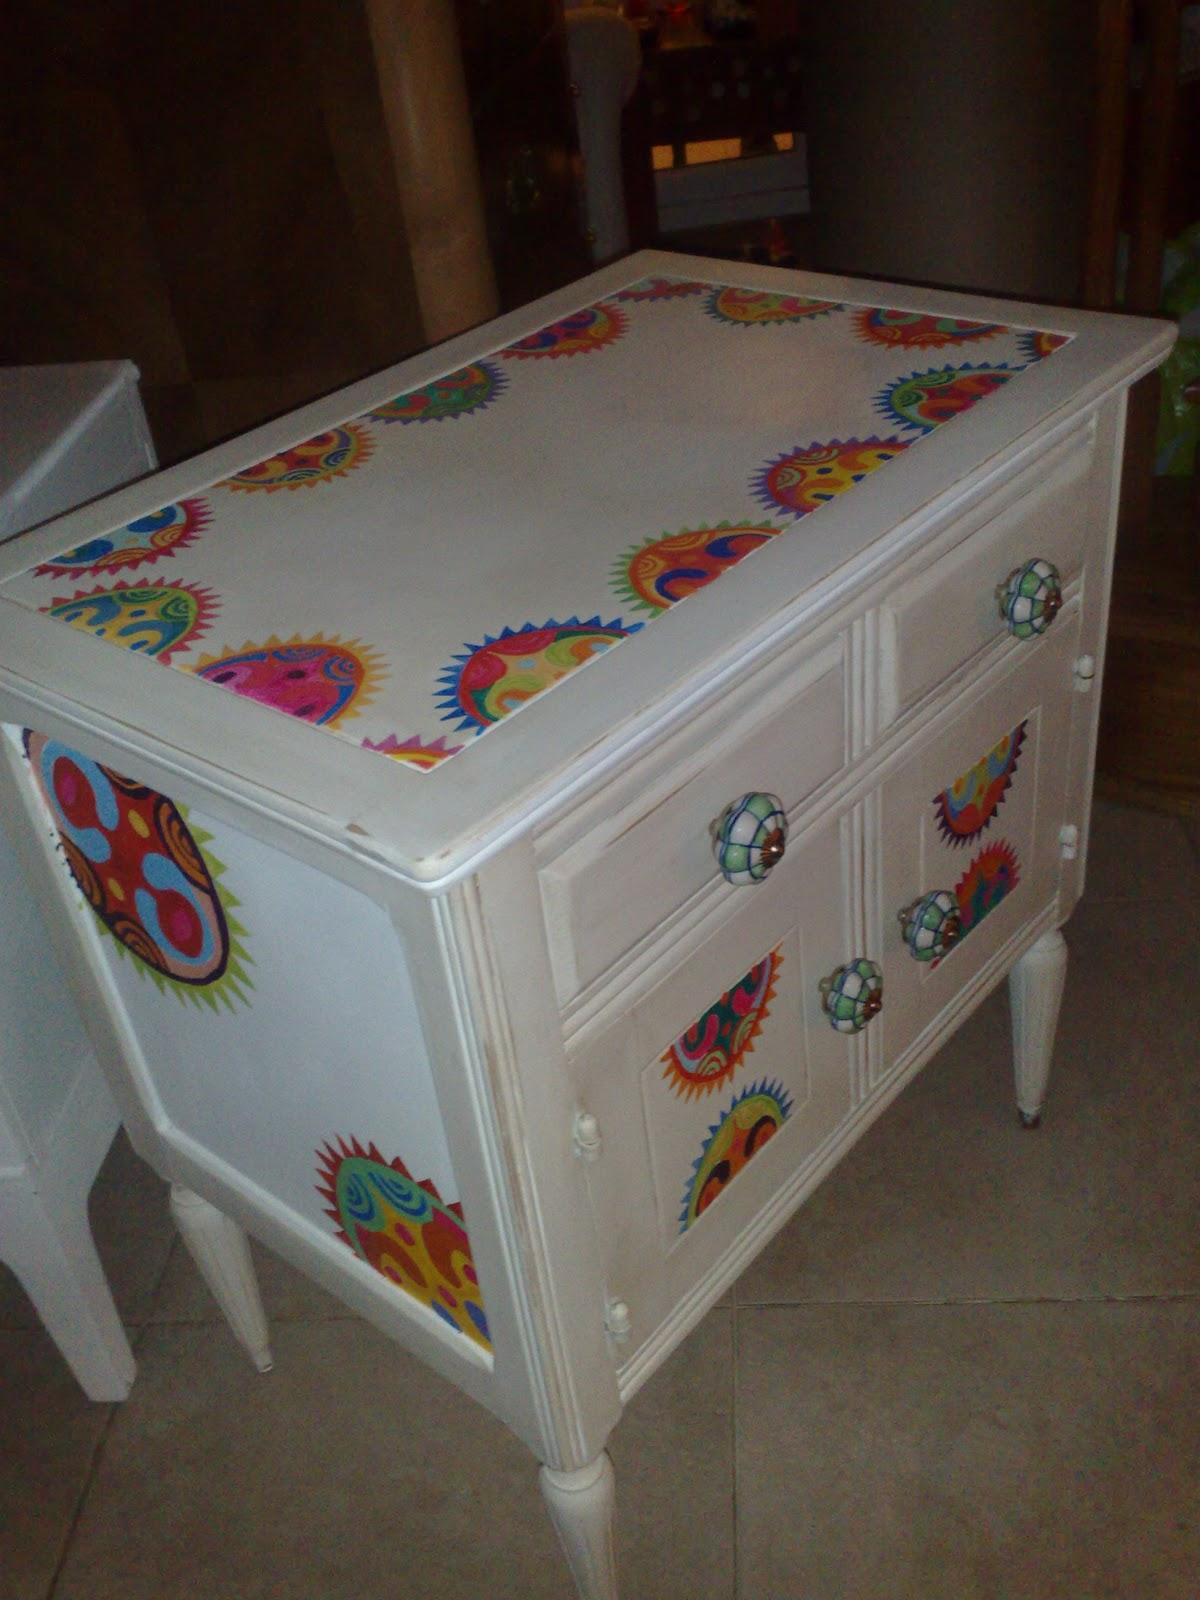 Vintouch muebles reciclados pintados a mano marzo 2011 - Muebles de madera pintados a mano ...